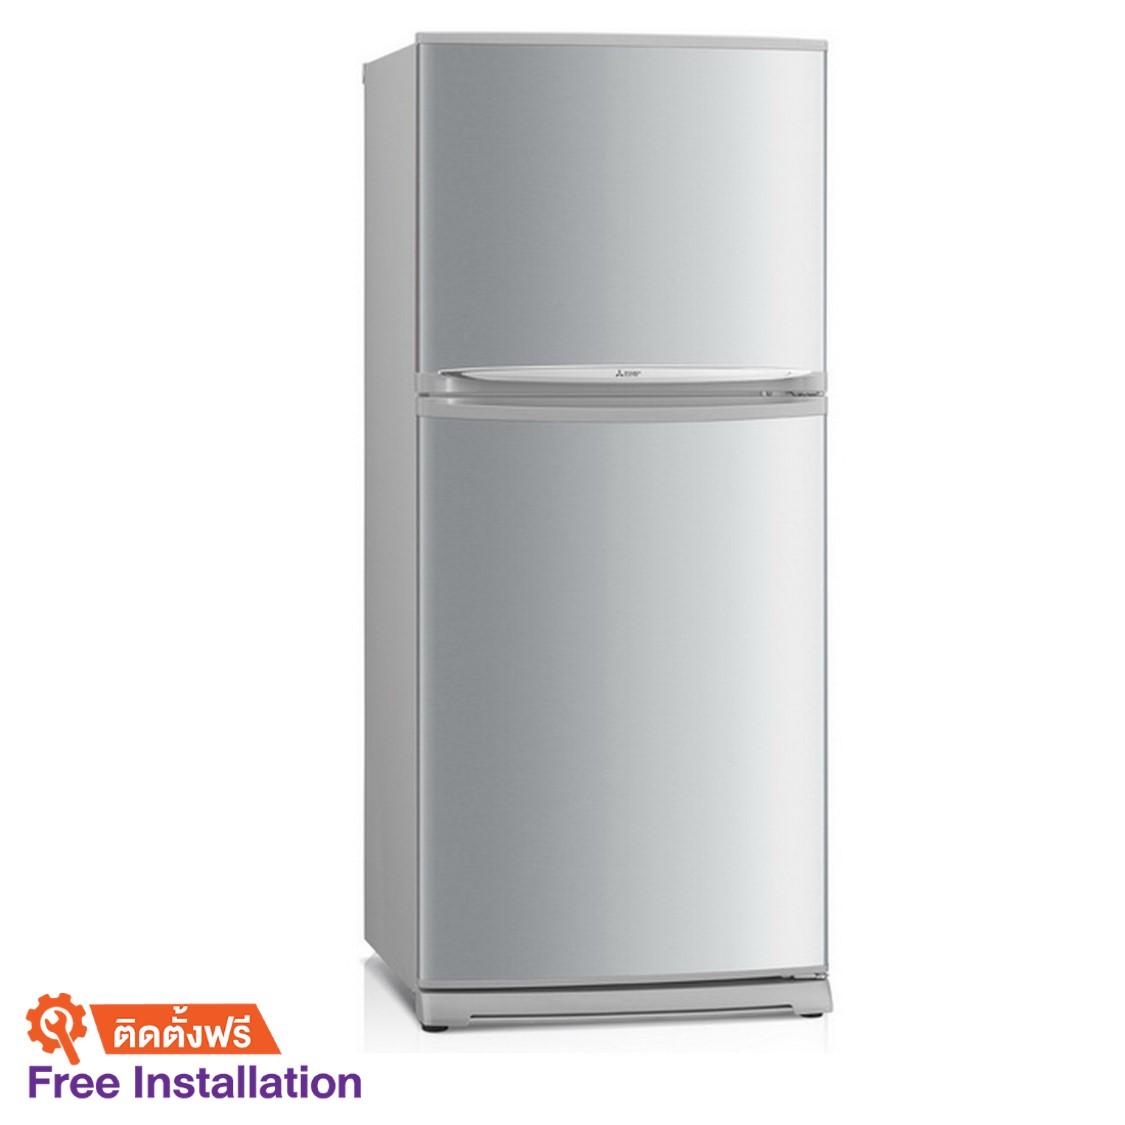 ตูู้เย็น 2 ประตู ( 10.5 คิว , สี Silver) รุ่น MR-F33N-SL